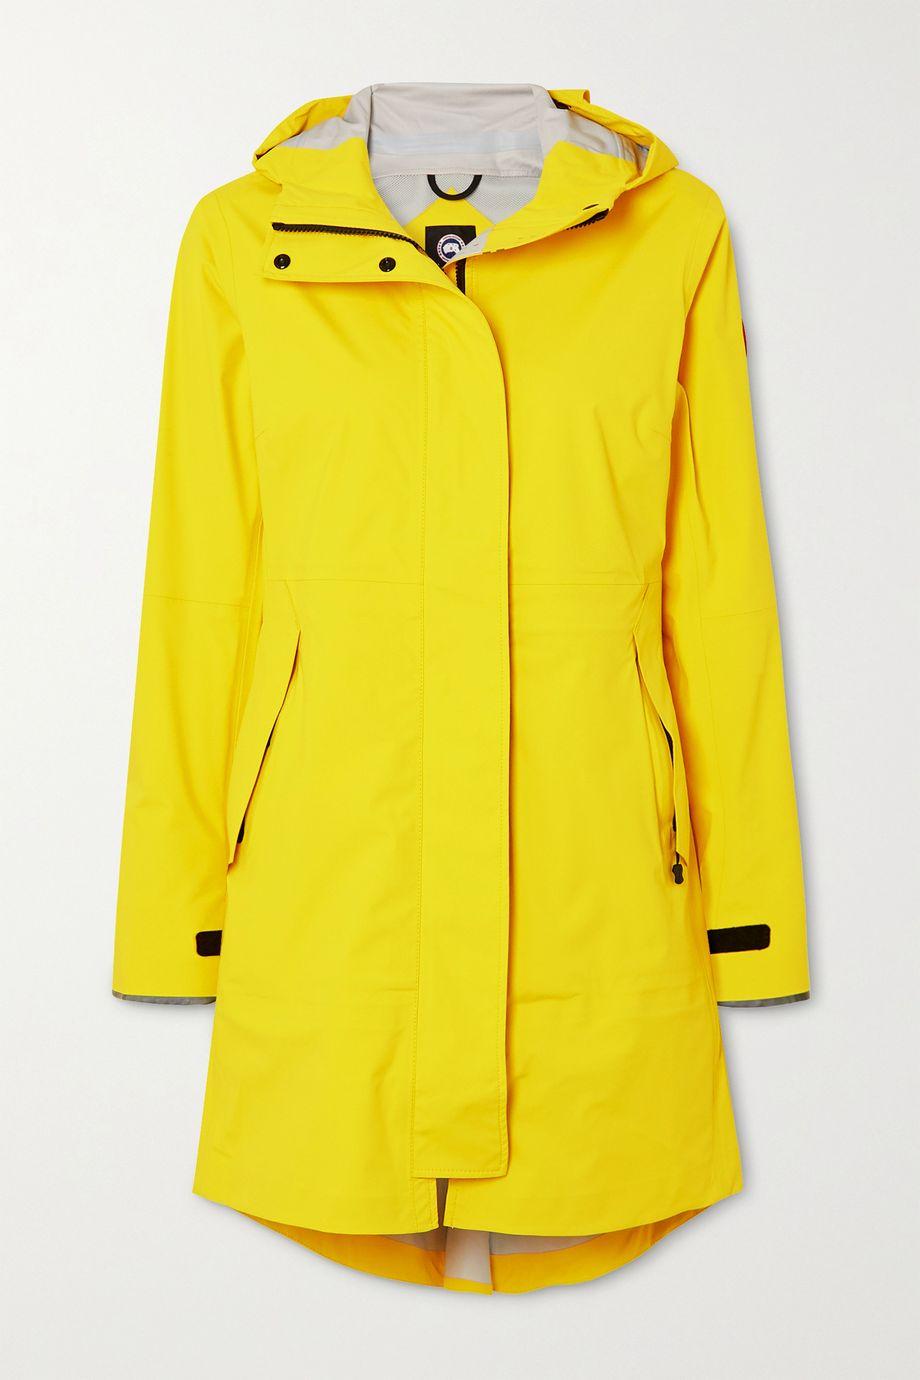 Canada Goose Salida hooded shell raincoat